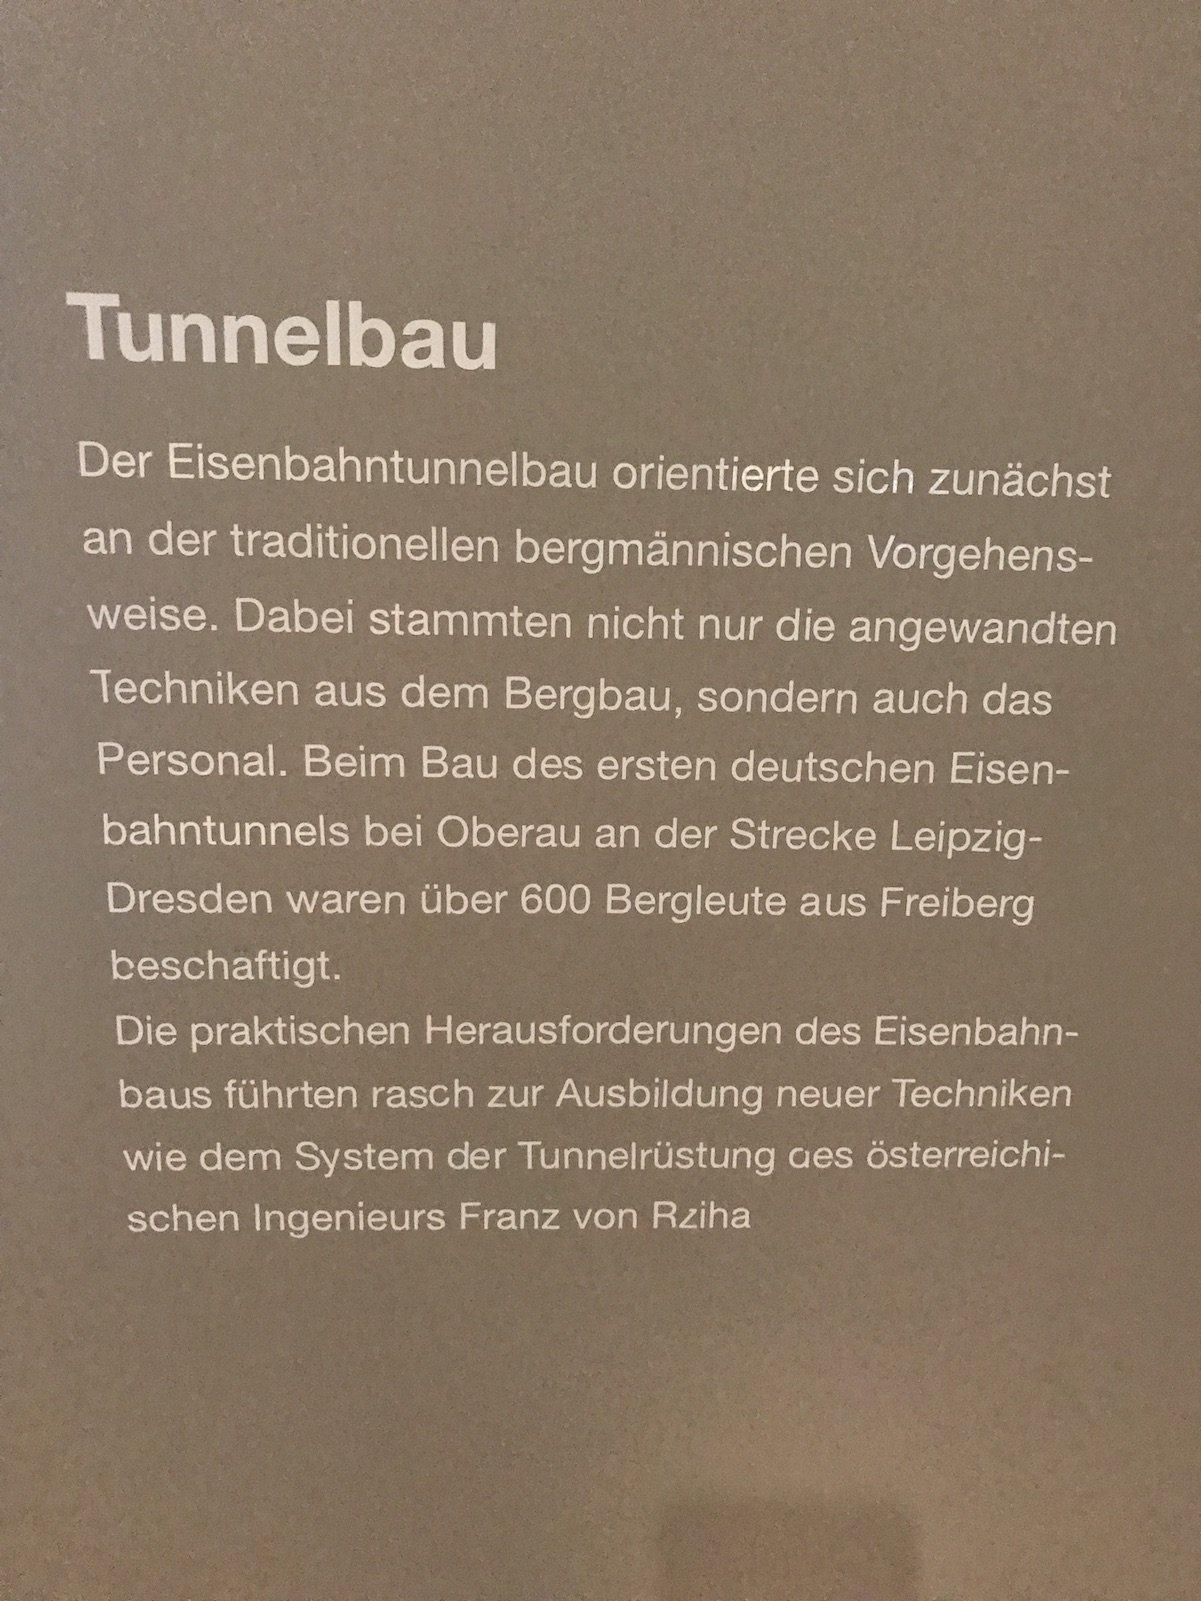 Information zum Tunnelbau bei der Bahn